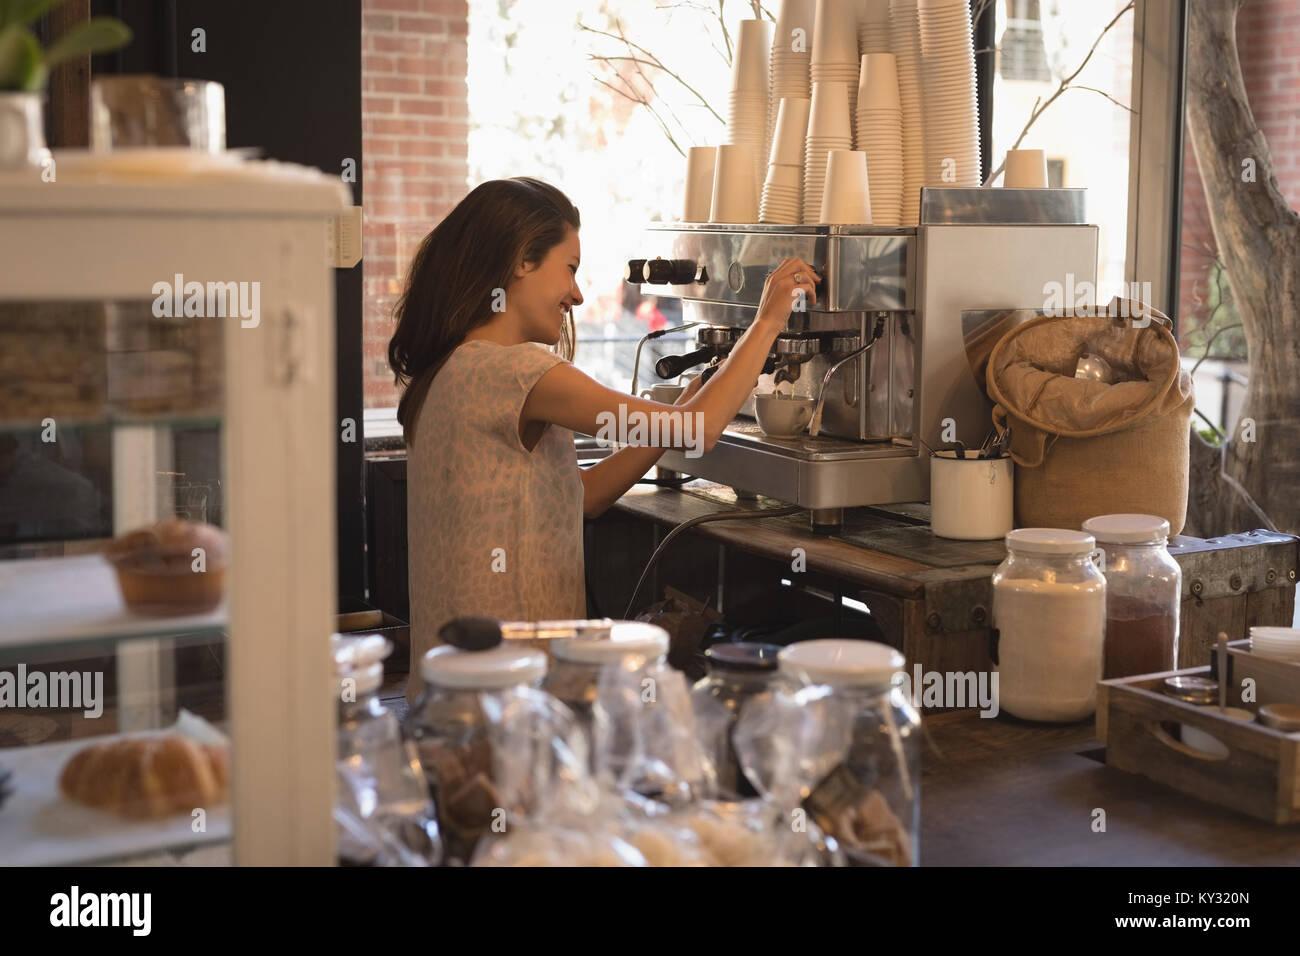 Smiling waitress décisions tasse de café Photo Stock